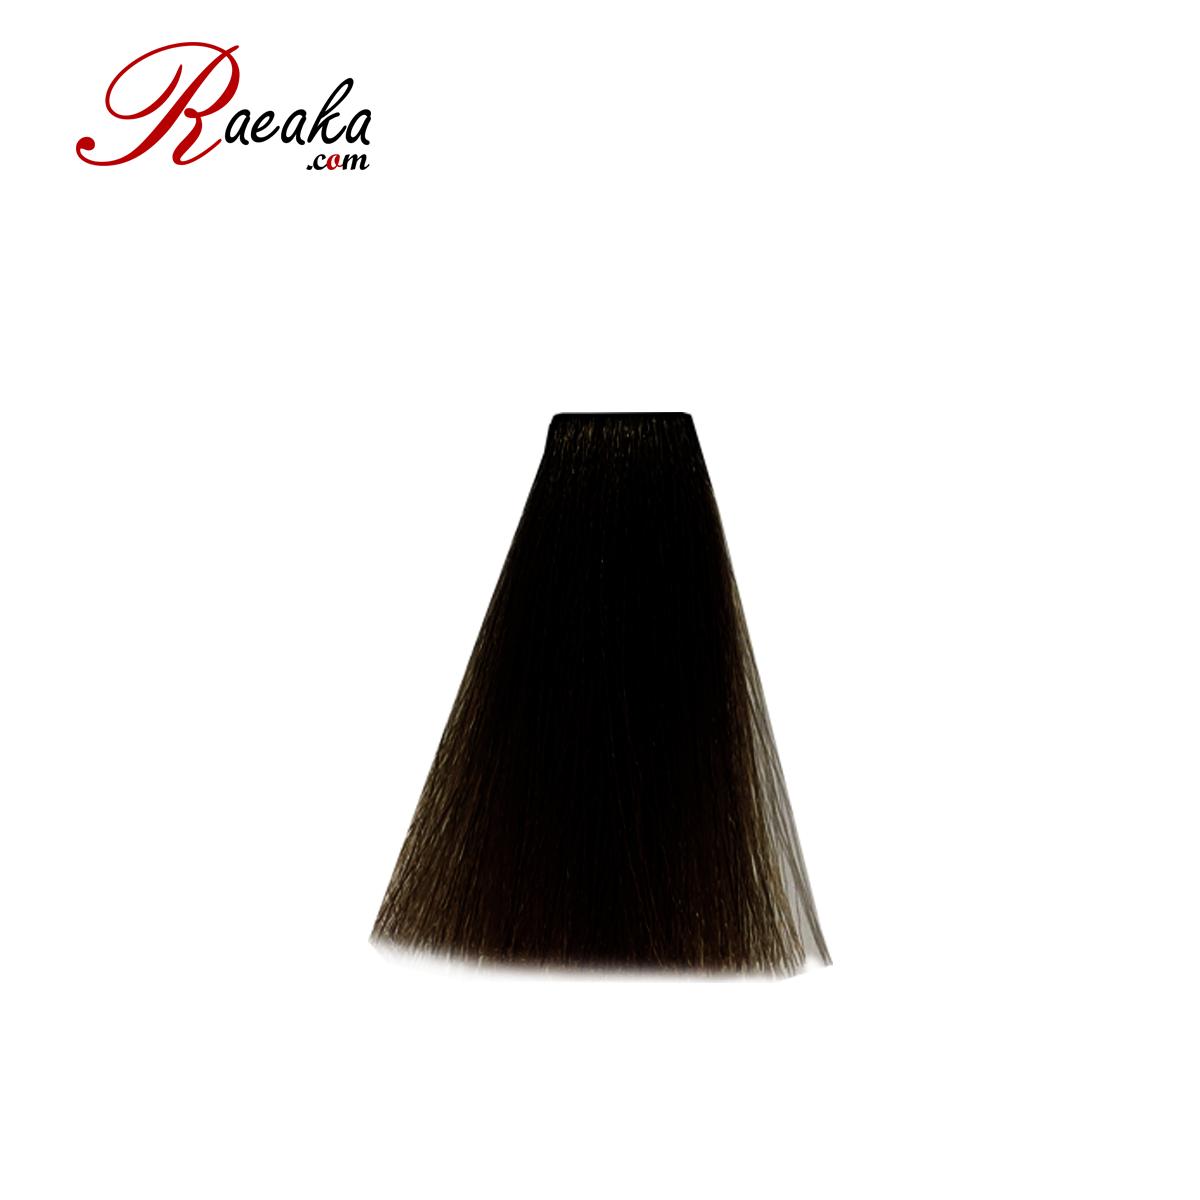 رنگ مو دوماسی سری طبیعی اکسترا قهوه ای تیره اکسترا ۳٫۰۰ حجم ۱۲۰ میلی لیتر